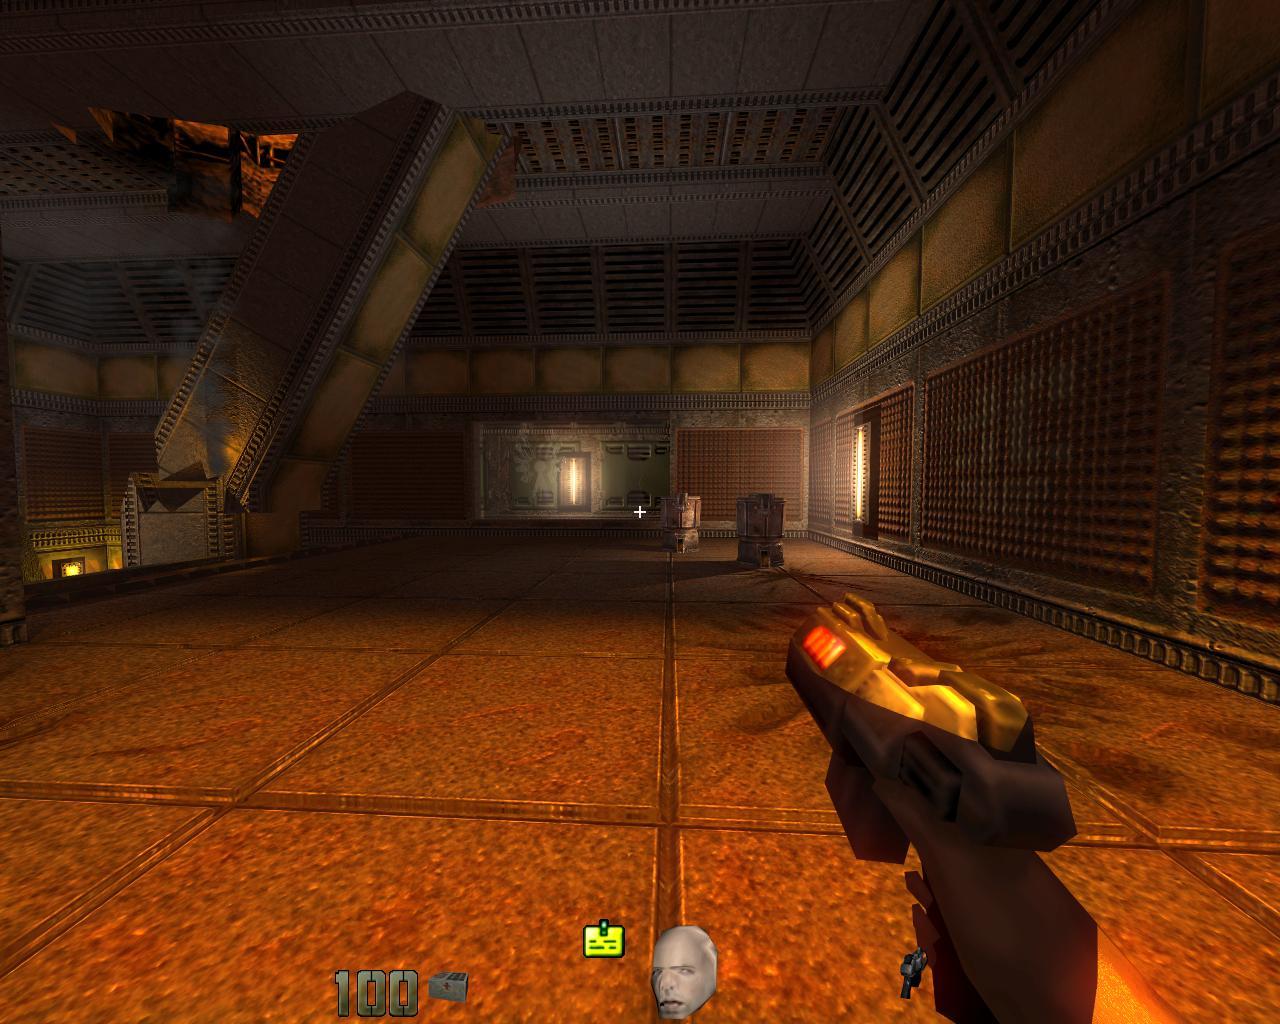 Quake 2 xp download